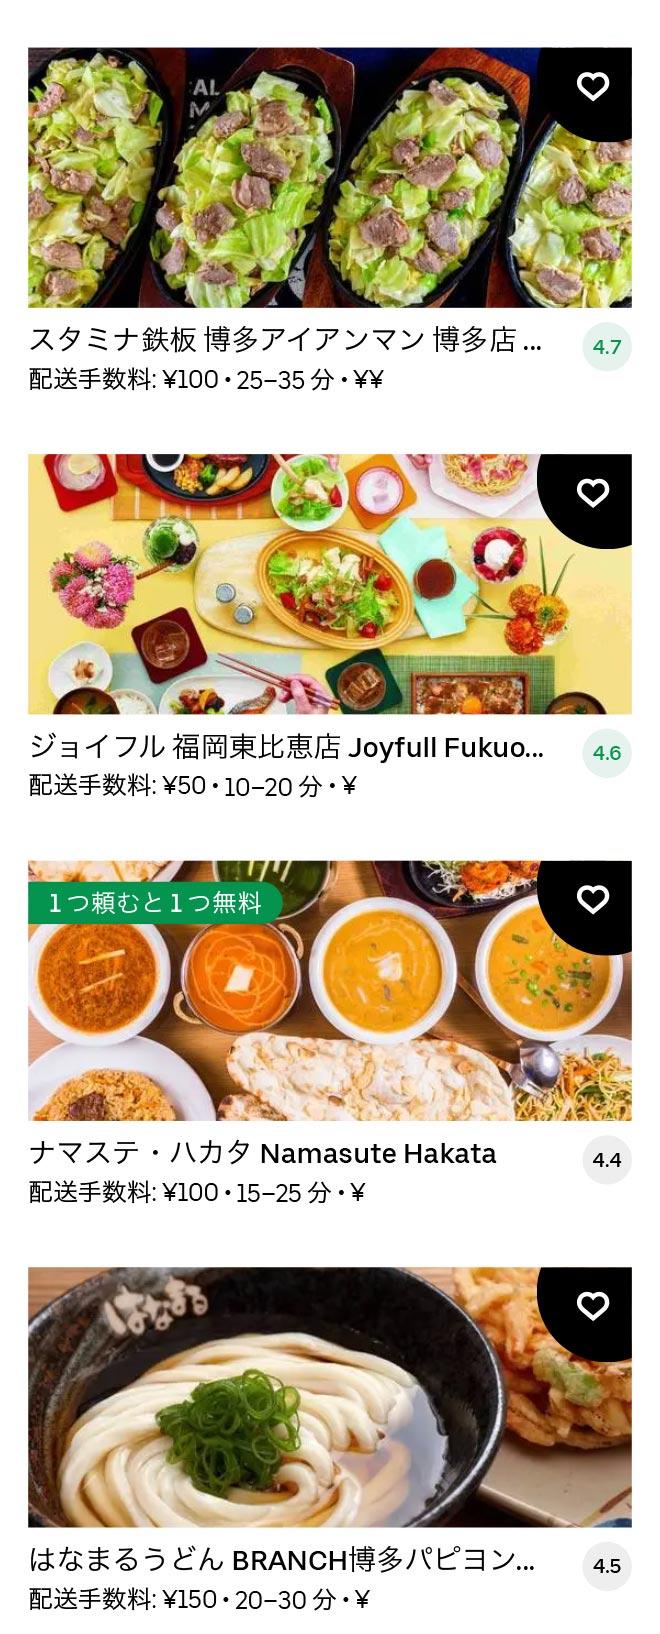 Higashi hie menu 2101 06